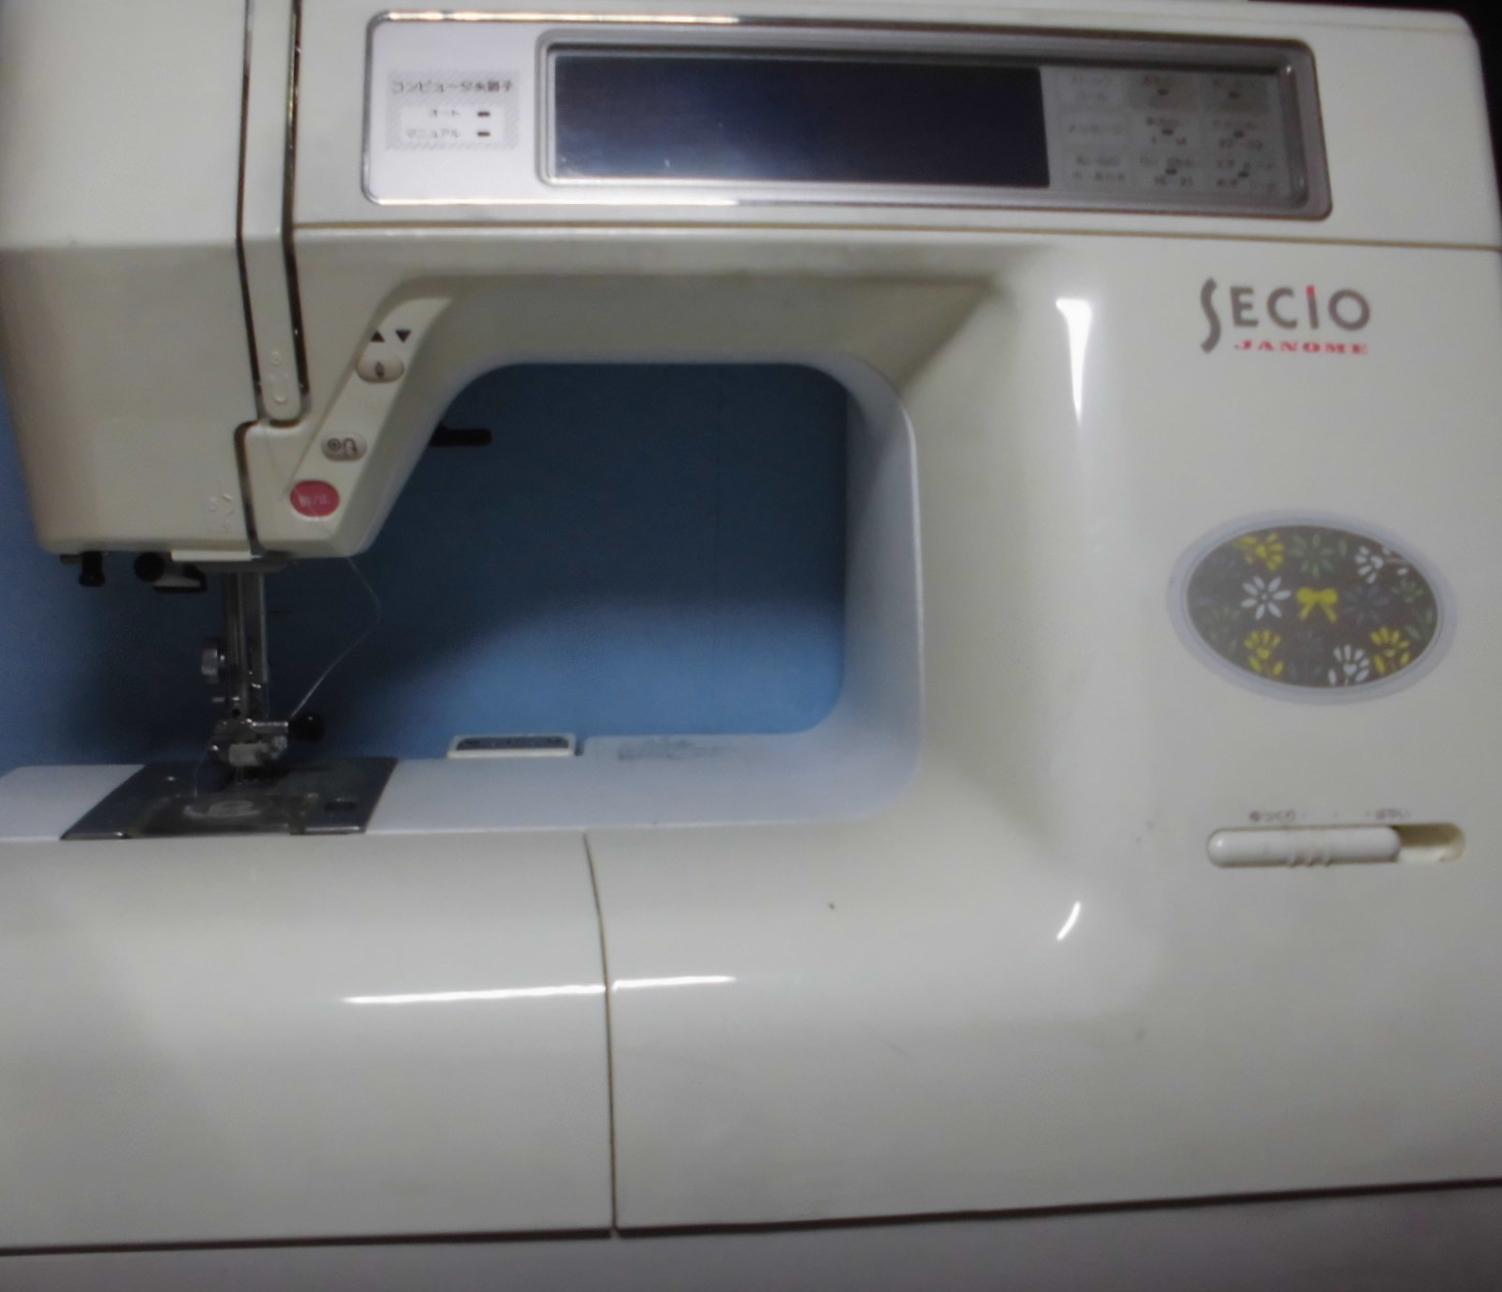 ジャノメミシン修理|セシオ8200|ステッピングモーターエラー、異音、動かない、縫えない